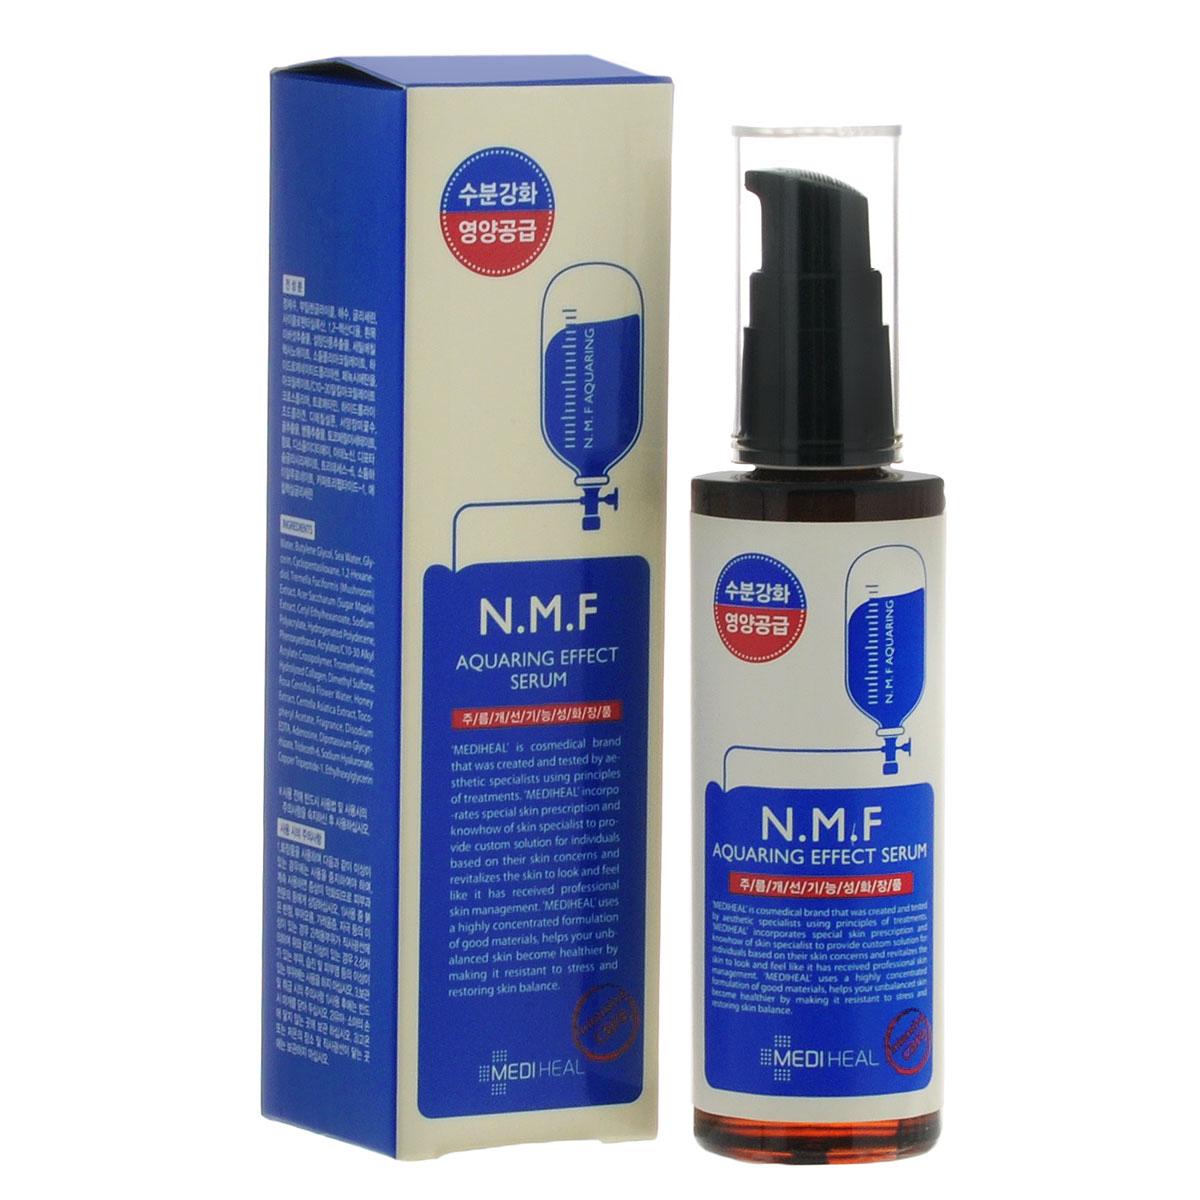 Beauty Clinic Сыворотка для лица Aquaring Effect, с N.M.F., увлажняющая, 50 мл555852Сыворотка содержит N.M.F. и другие активные увлажняющие и подтягивающие компоненты, такие как глубинная морская вода, гиалуроновая кислота, экстракты древесного гриба, сахарного клена, меда, центеллы азиатской.Интенсивно увлажняет, подтягивает и питает кожу, придает ей свежий вид. Способствует разглаживанию морщин. NMF (натуральный увлажняющий фактор) - это сложный комплекс молекул в роговом слое кожи, который способен притягивать и удерживать влагу, обеспечивать упругость и плотность рогового слоя кожи. В состав NMF входят низкомолекулярные пептиды, карбамид, пирролидонкарбоновая кислота, аминокислоты и т. д. При недостаточности увлажняющего фактора происходит обезвоживание эпидермиса.Глубинная морская вода содержит большое количество питательных веществ и 70 видов минералов, которые активно увлажняют кожу, придают ей здоровый вид, делают цвет кожи более естественным, выравнивают тон кожи.Экстракт клена сахарного ускоряет процесс обновления клеток, устраняет омертвевшие клетки эпидермиса и делает кожу более гладкой и свежей. Товар сертифицирован.